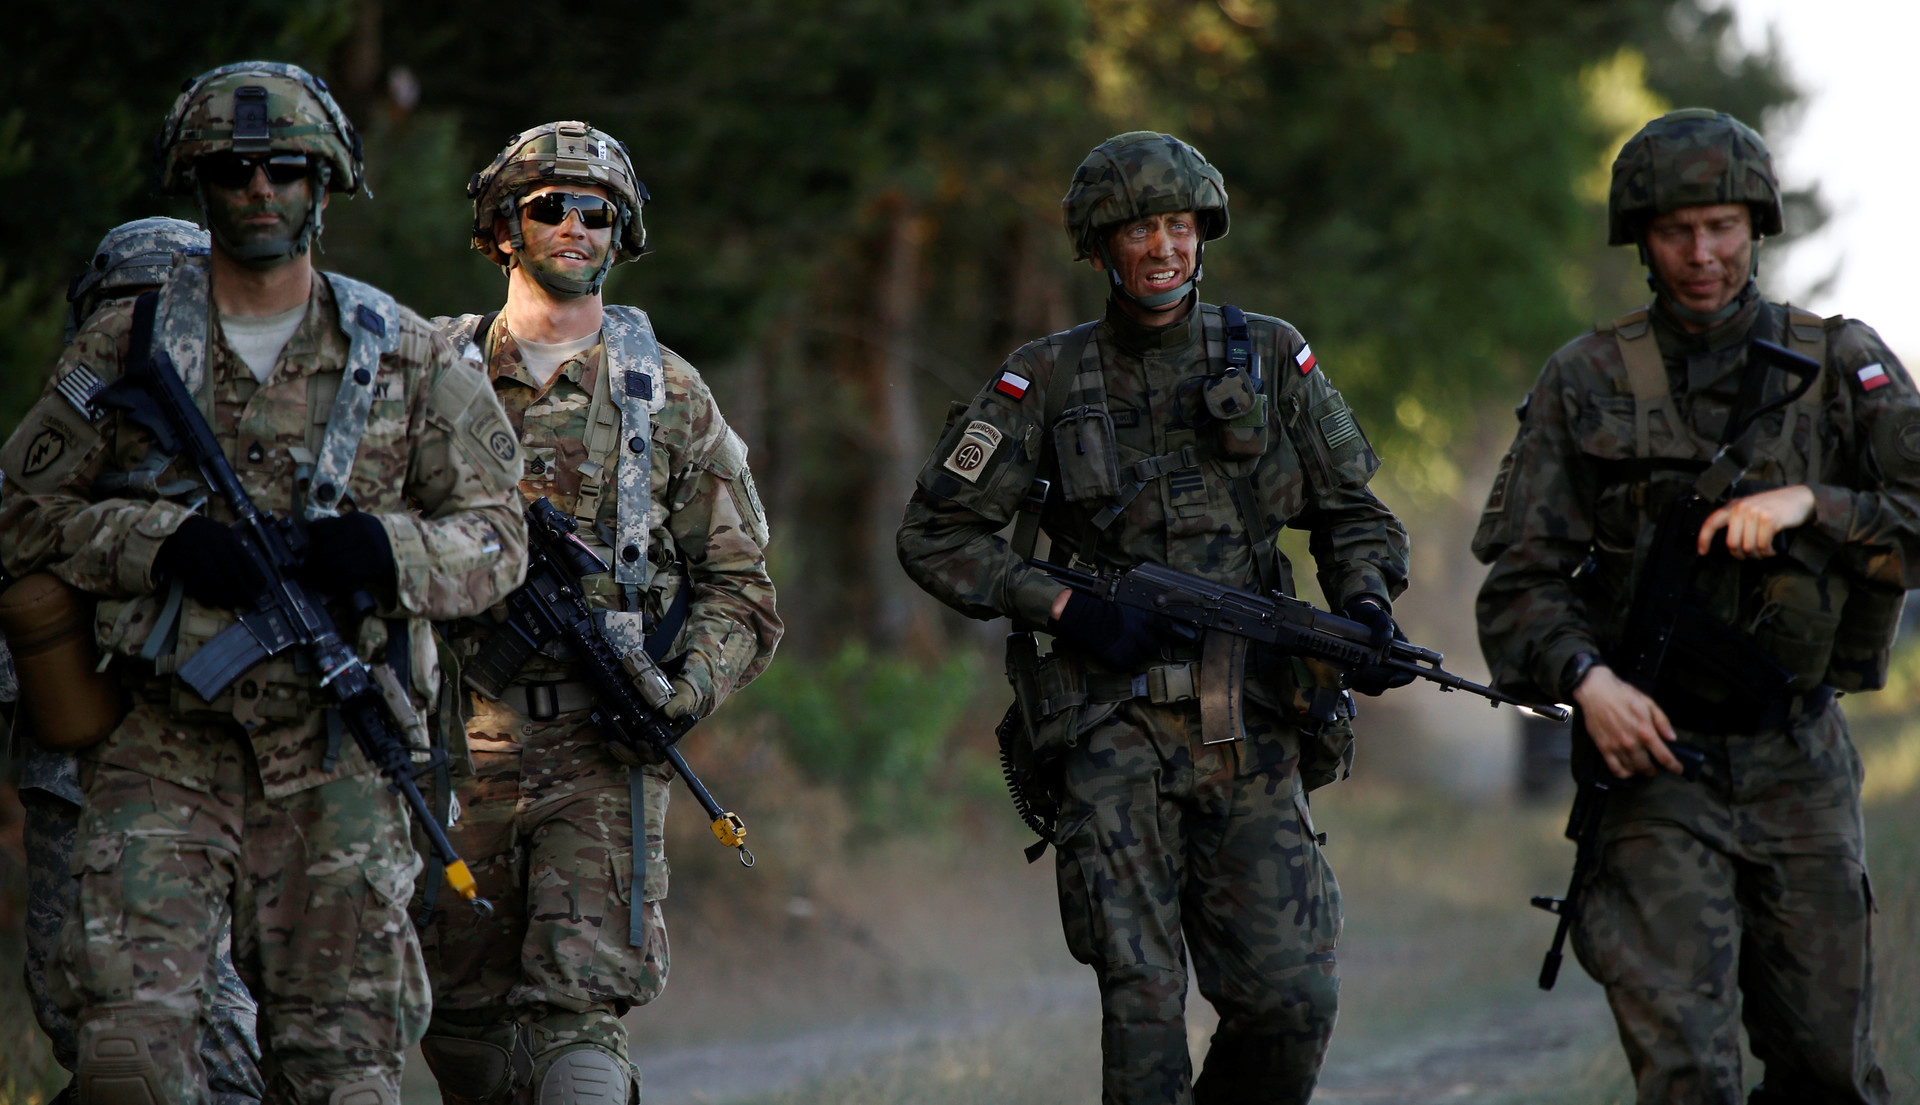 Soldados polacos marchan junto con soldados estadounidenses durante los ejercicios militares Anakonda 16 cerca de Torun, Polonia, 7 de junio de 2016.